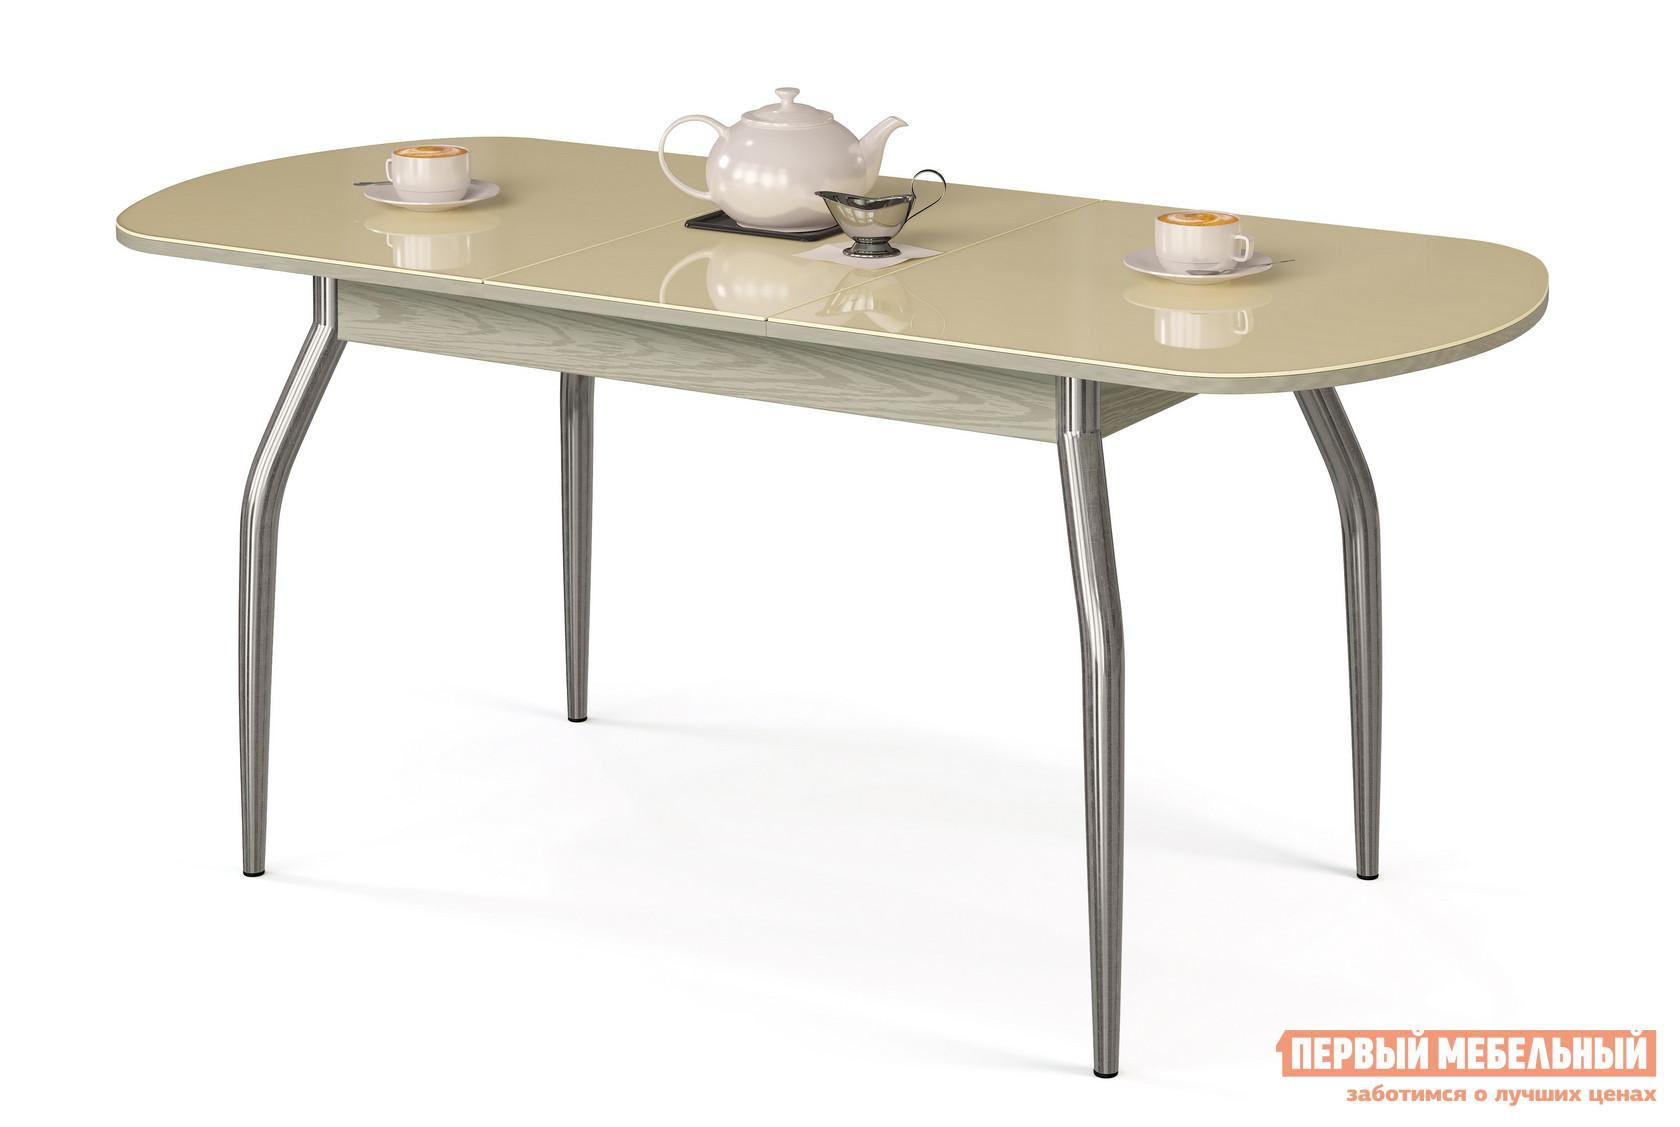 Фото Кухонный стол МегаЭлатон Сиена-Стекло Бежевый, Дуб швейцарский. Купить с доставкой